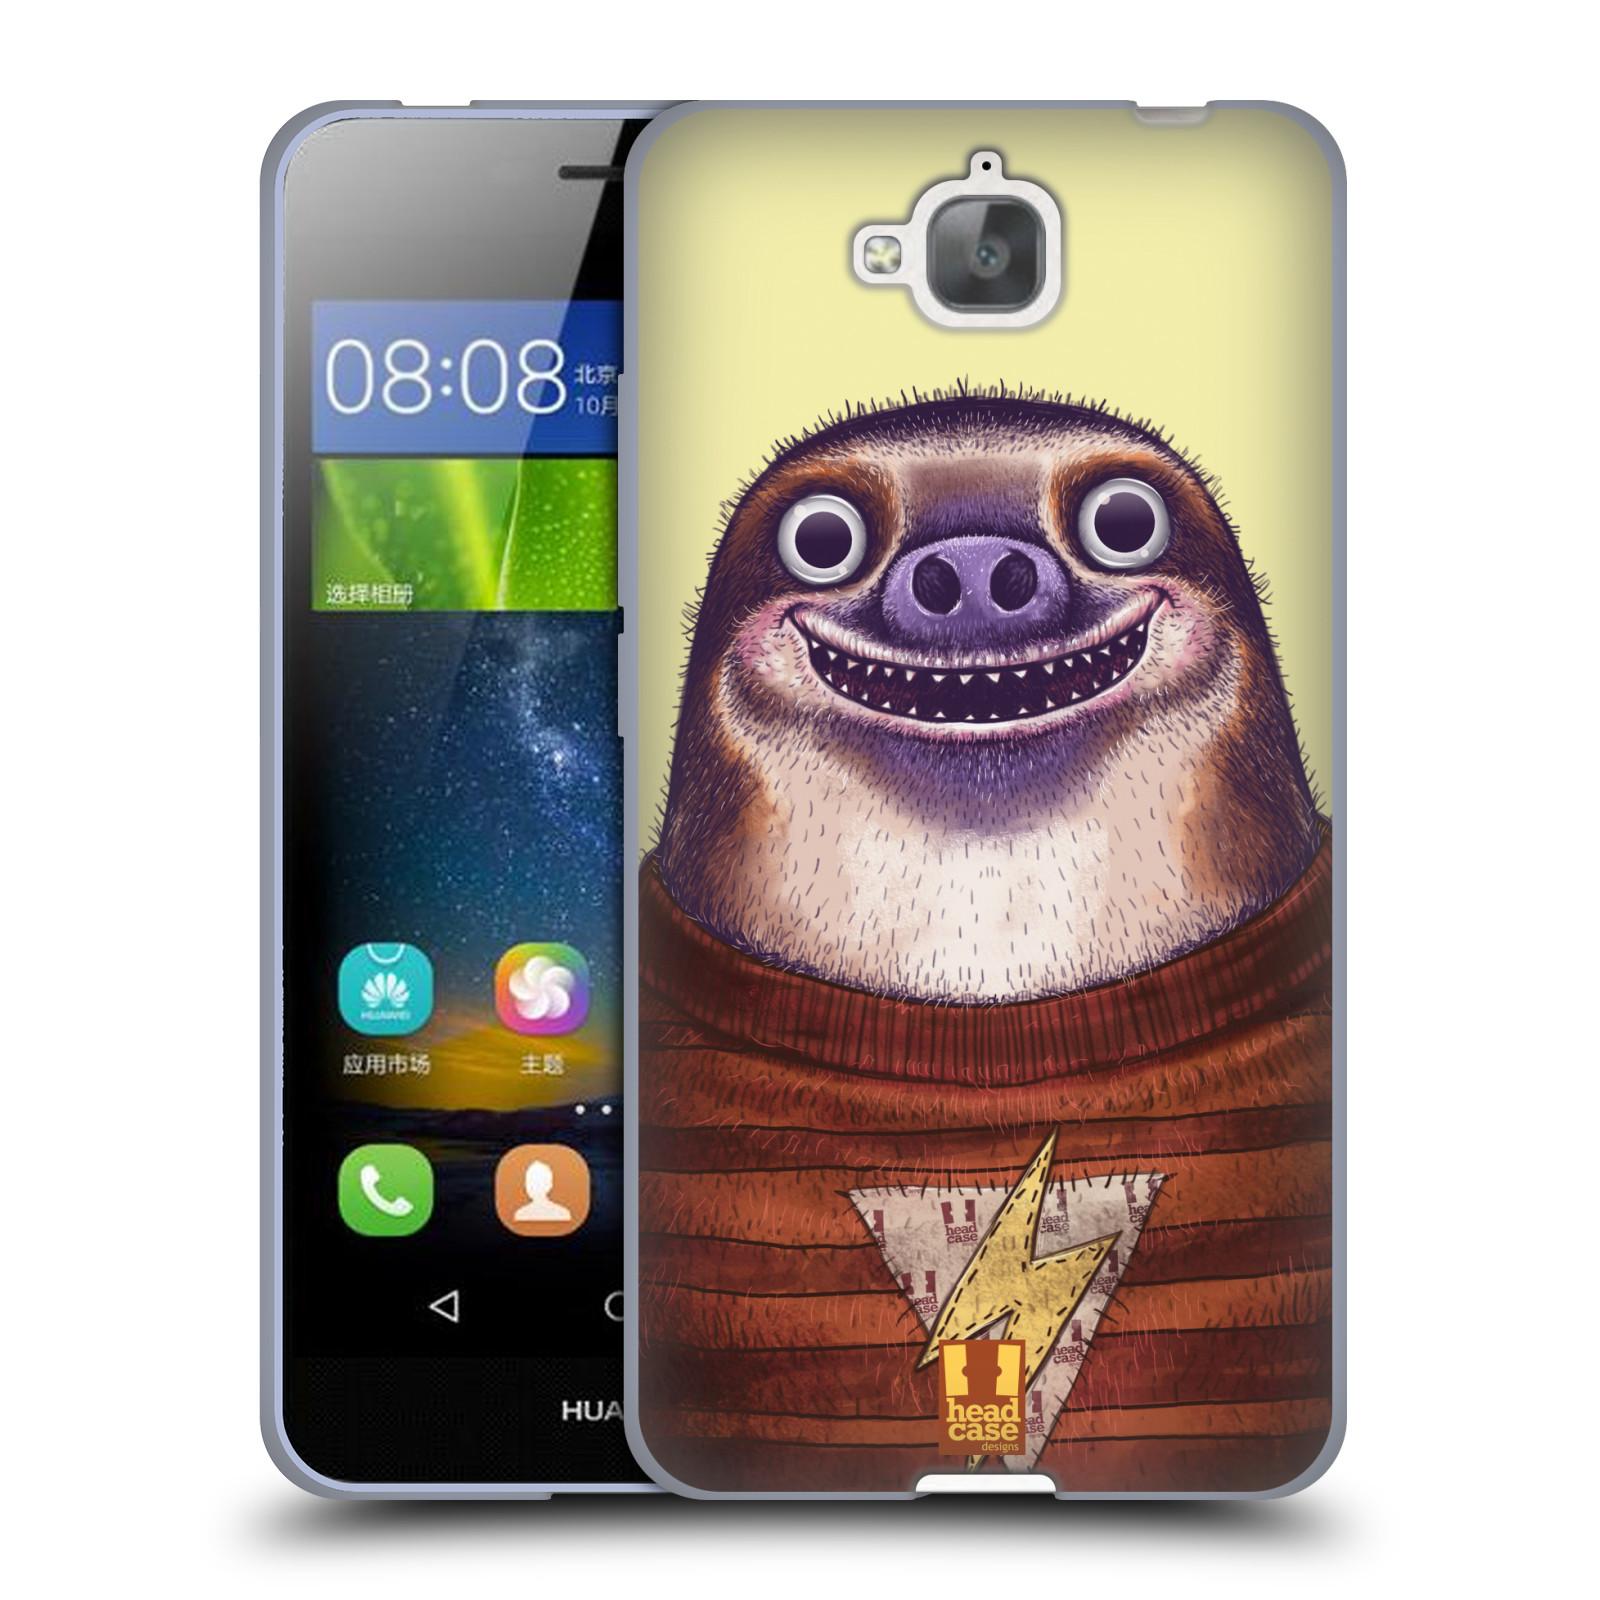 Silikonové pouzdro na mobil Huawei Y6 Pro Dual Sim HEAD CASE ANIMPLA LENOCHOD